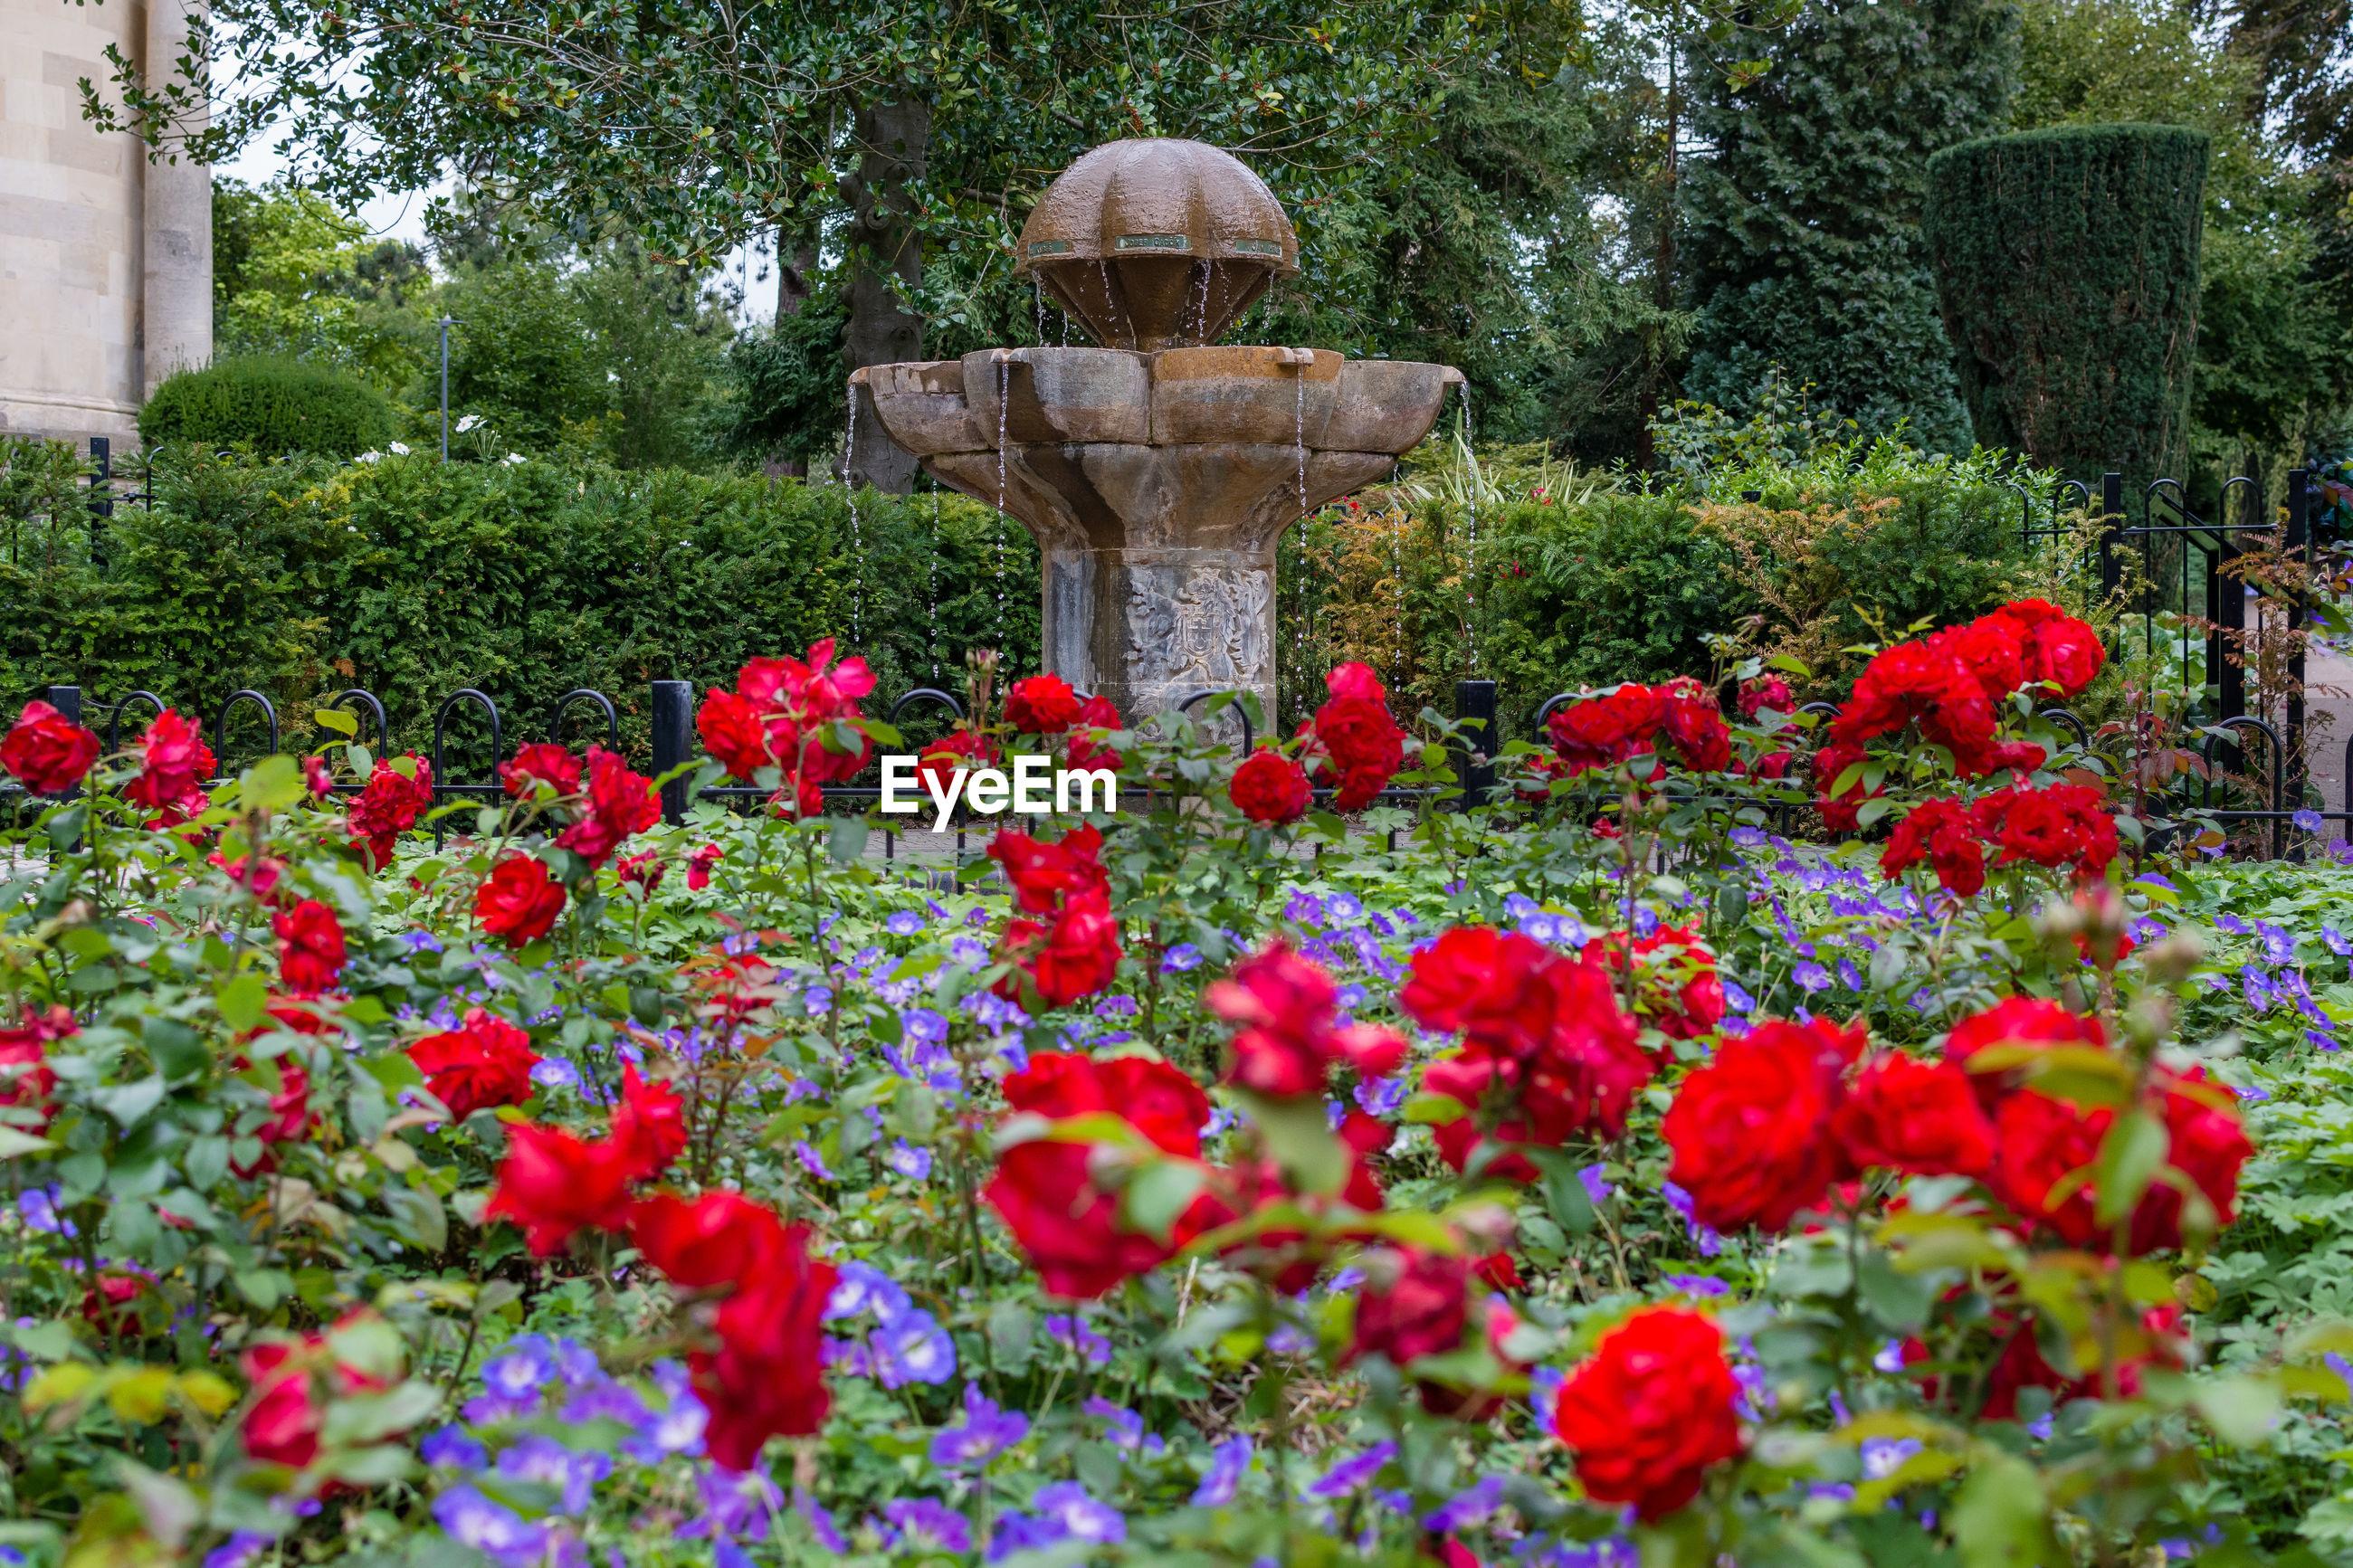 RED FLOWERING PLANTS IN GARDEN